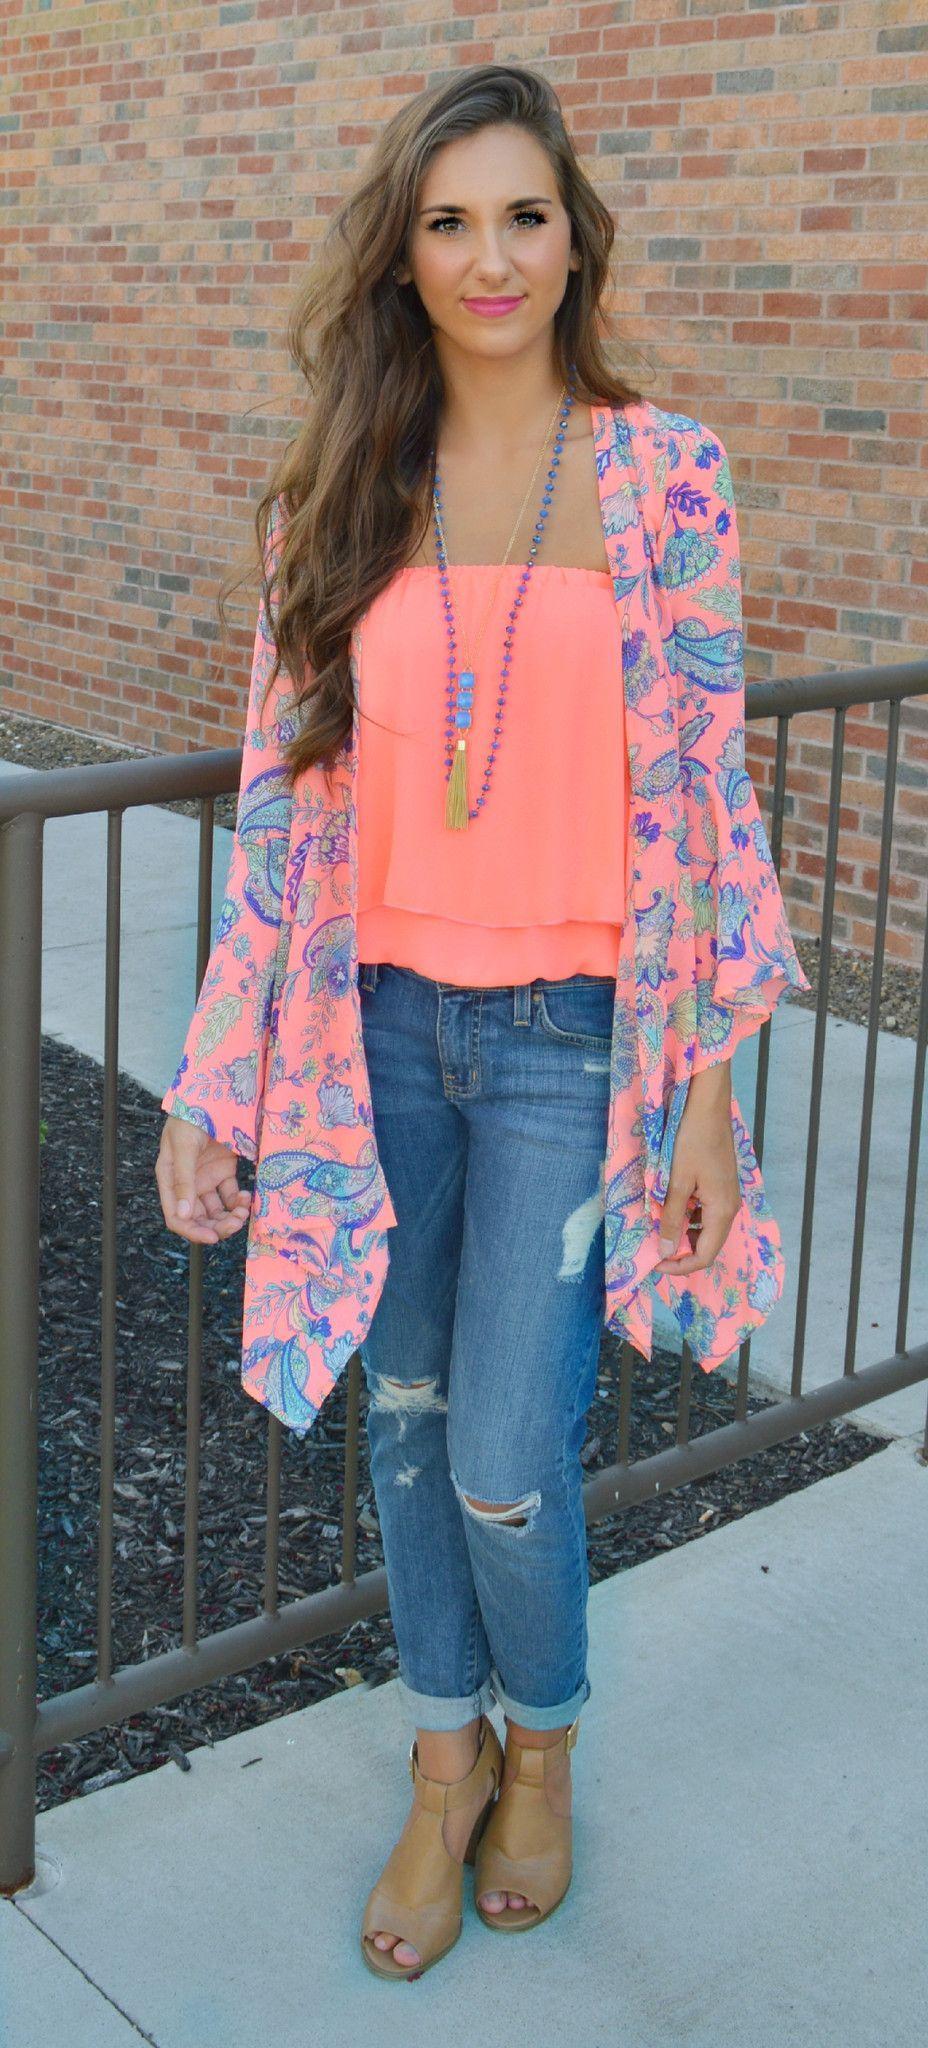 Boho Beauty Paisley Kimono | Fashion, Kimono fashion, Spring